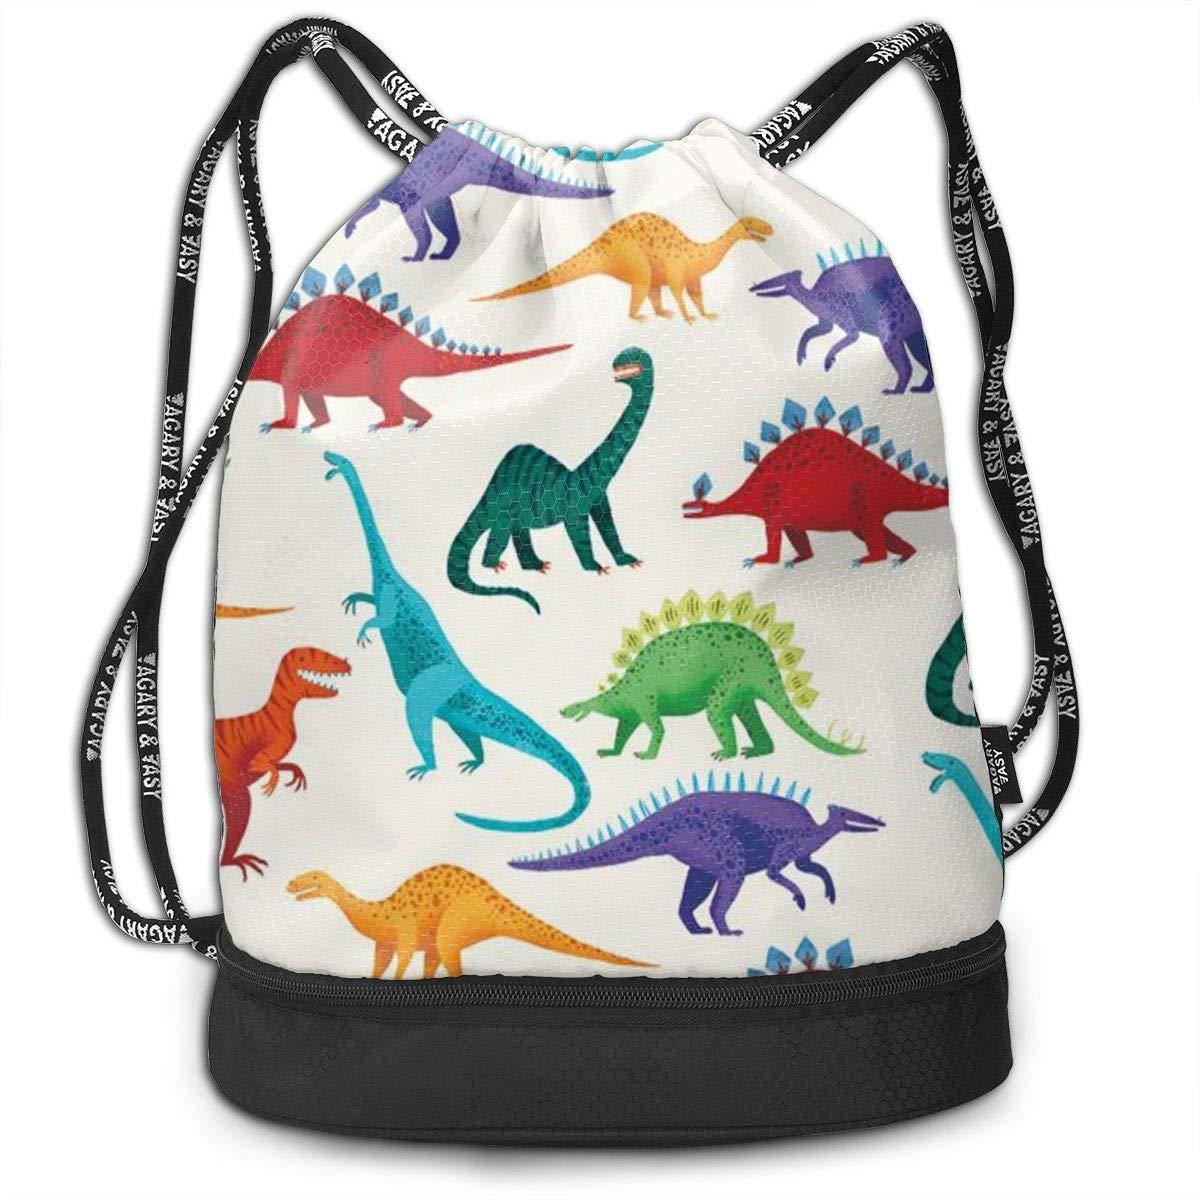 HUOPR5Q Dinosaur Drawstring Backpack Sport Gym Sack Shoulder Bulk Bag Dance Bag for School Travel